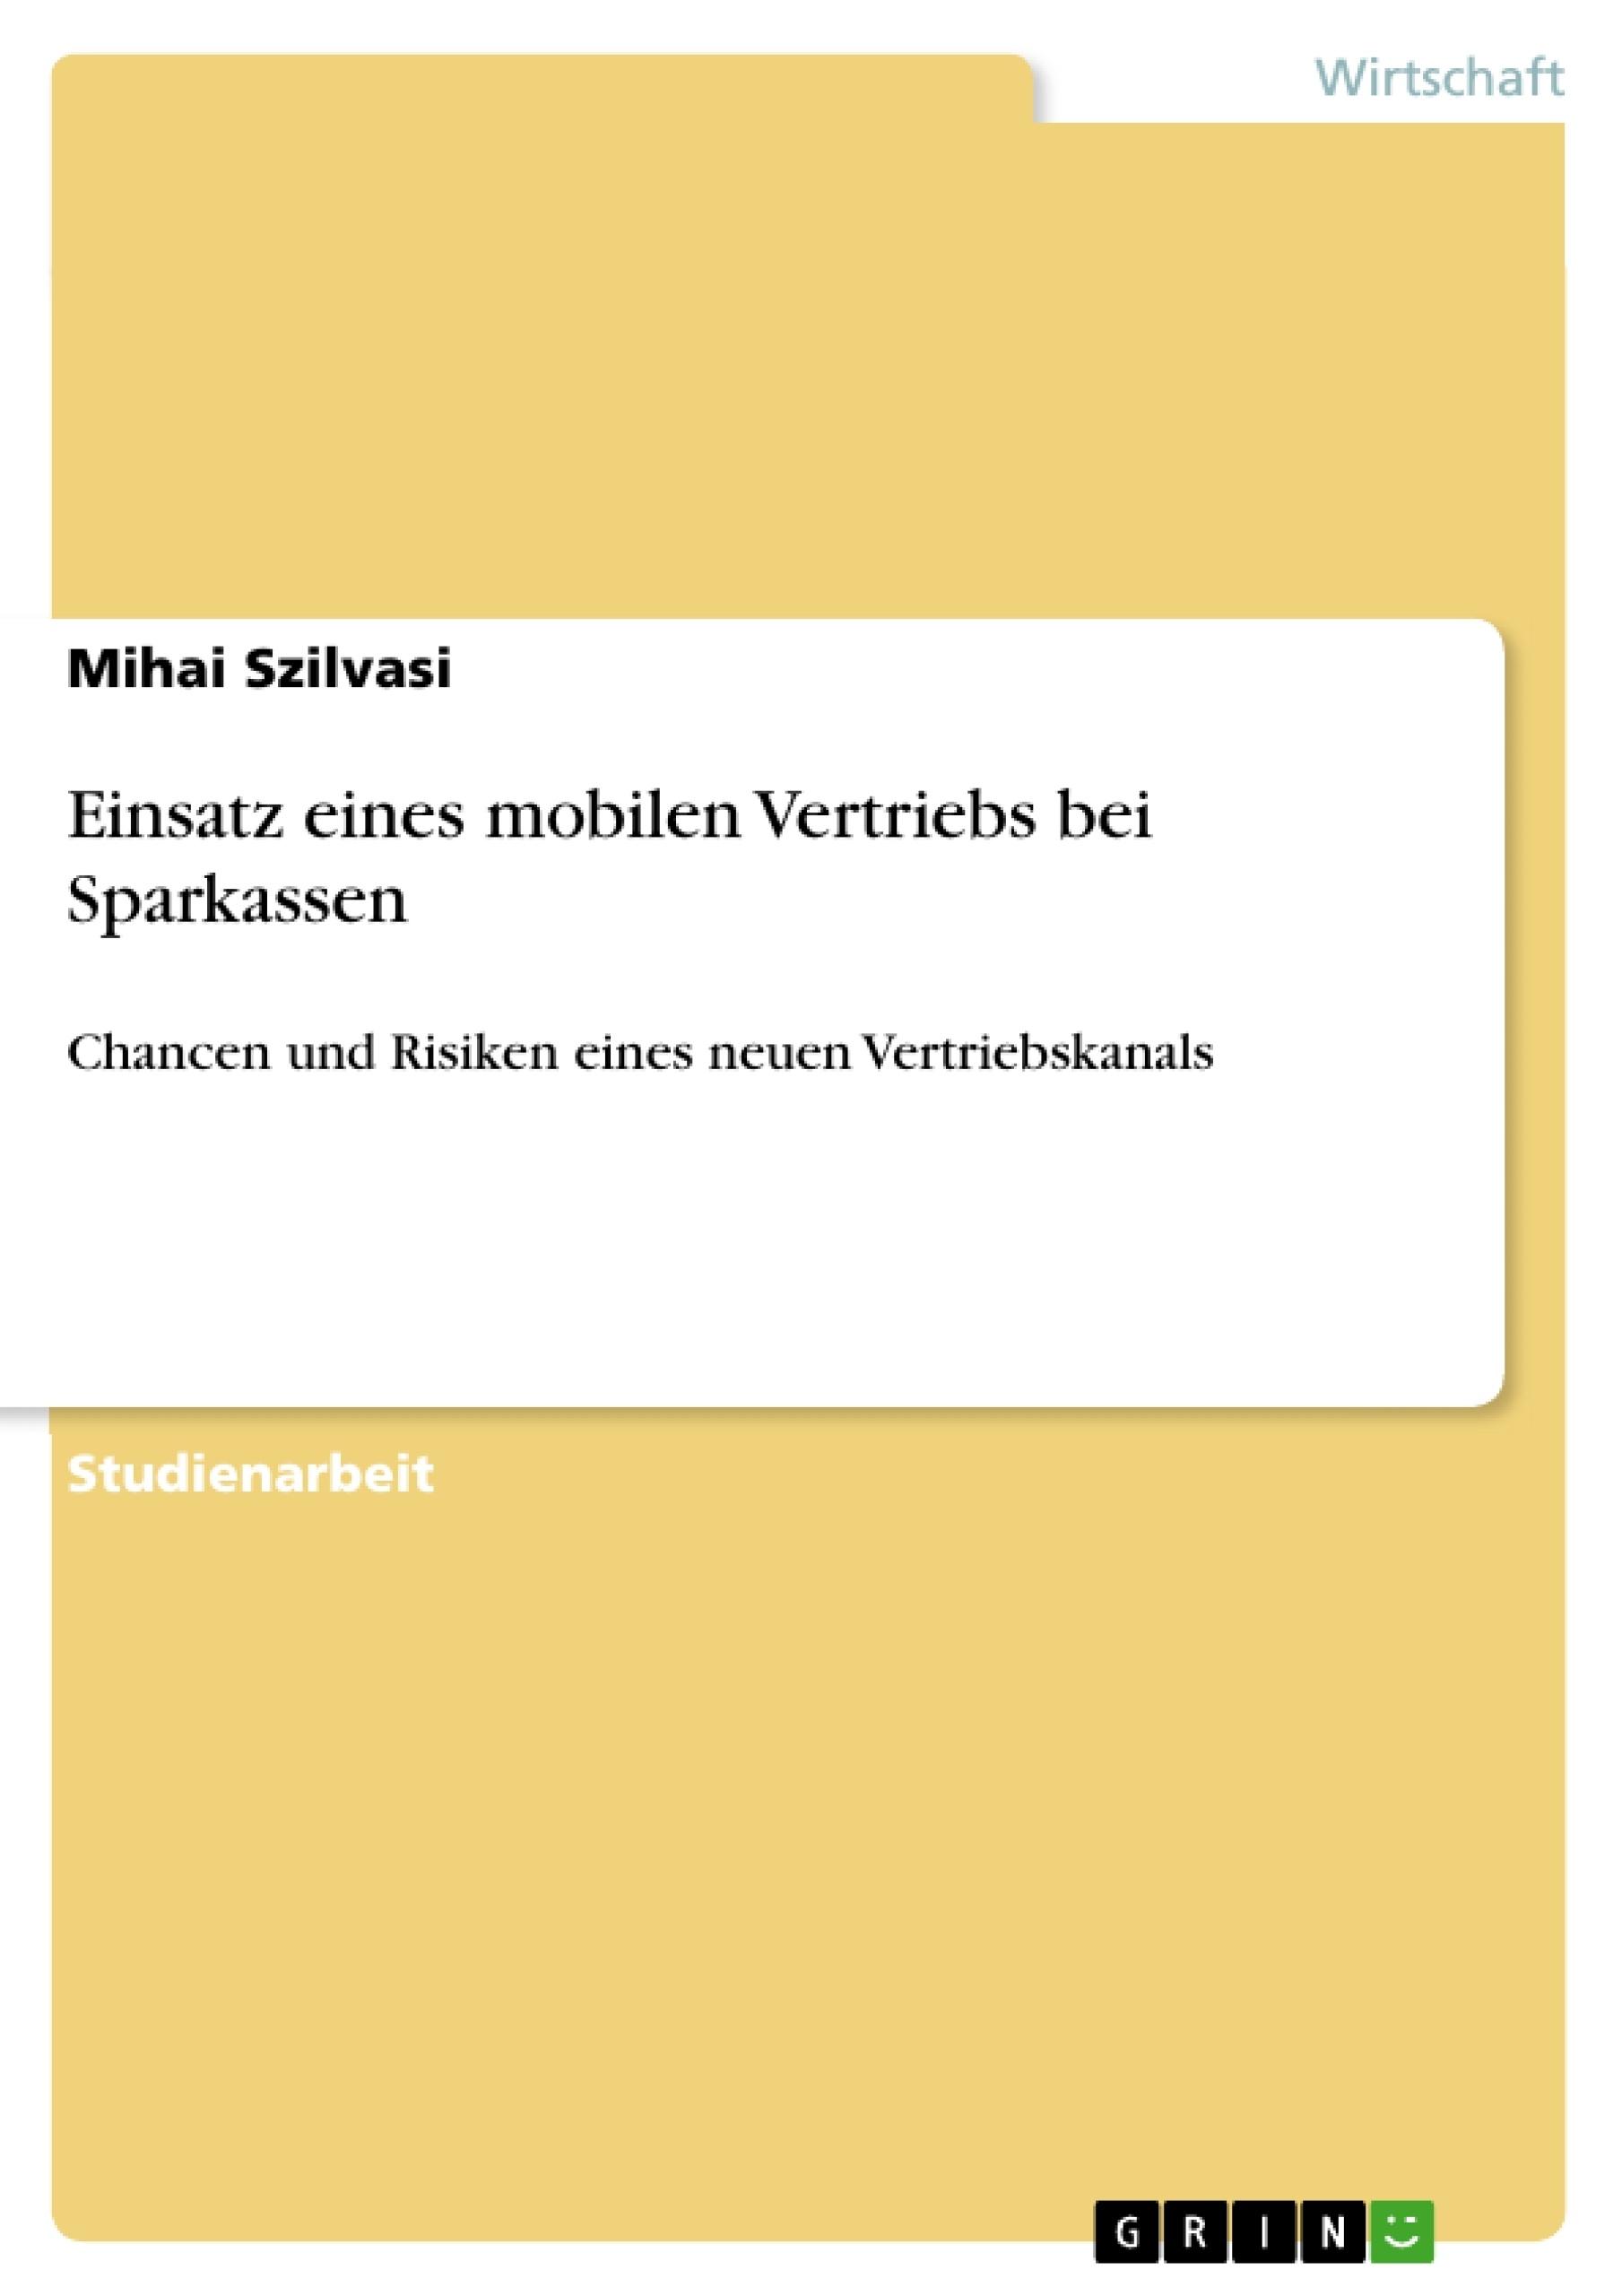 Titel: Einsatz eines mobilen Vertriebs bei Sparkassen